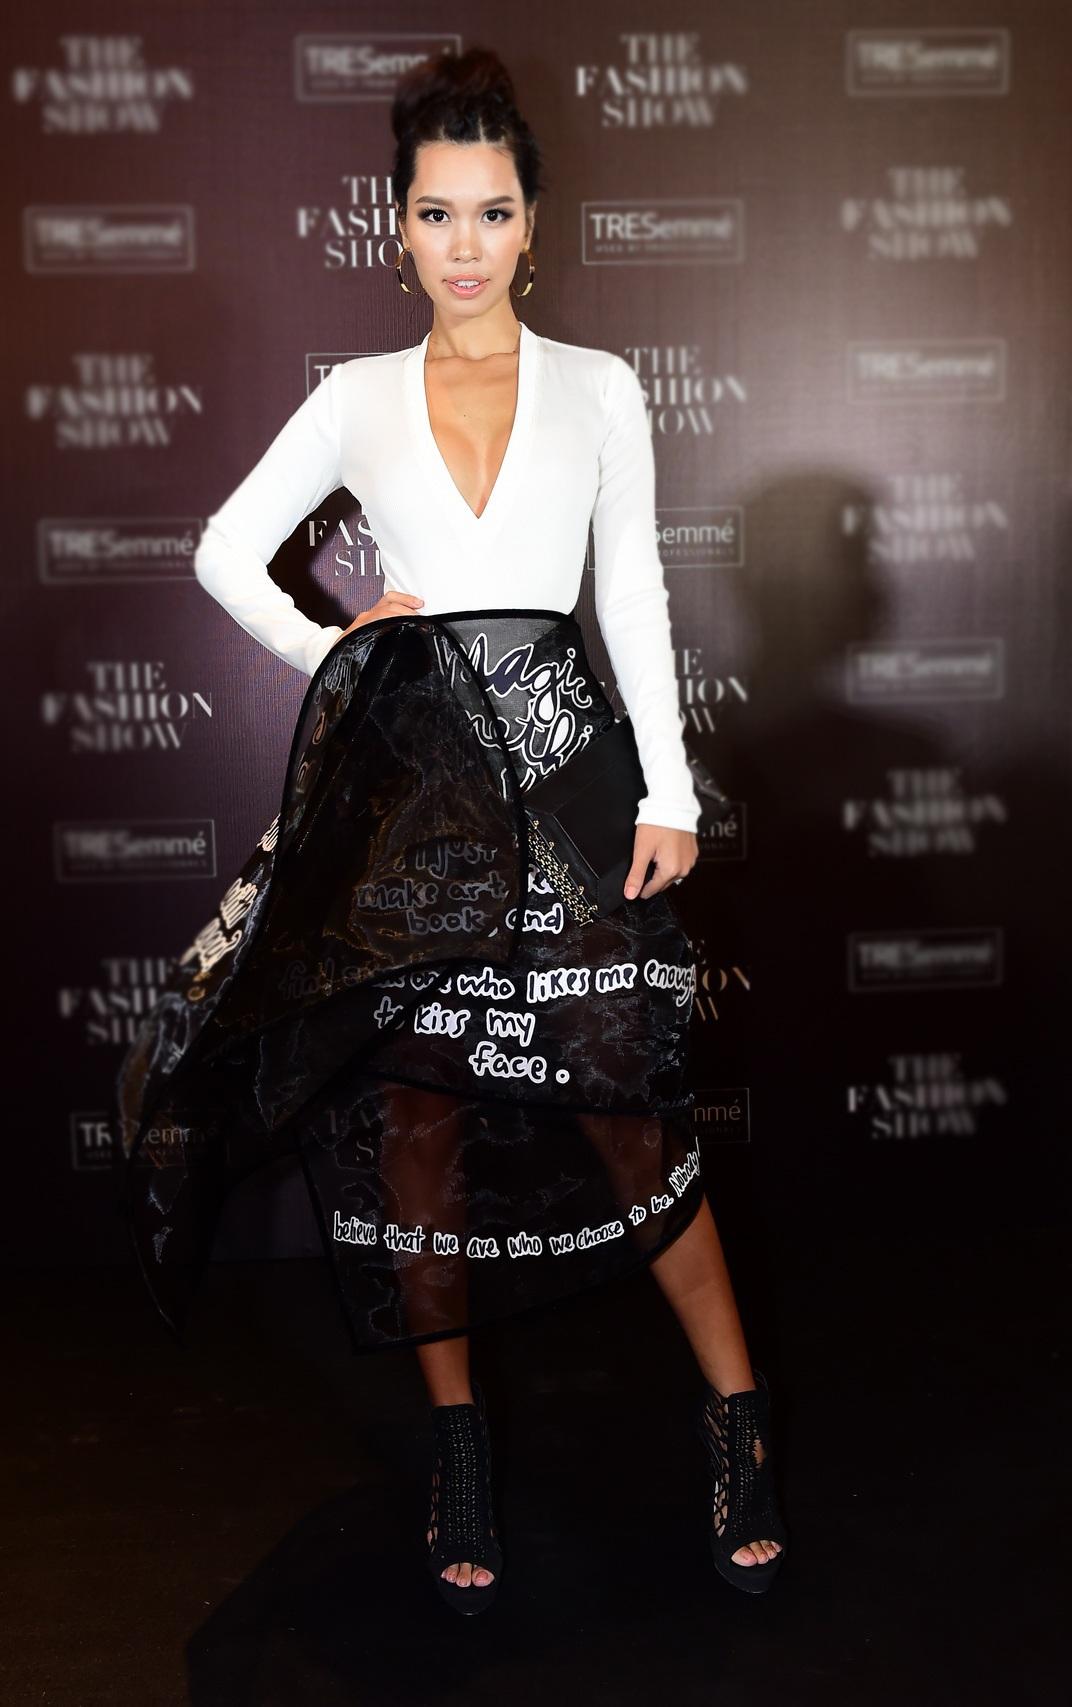 Hà Anh gây ấn tượng với phong cách cá tính trong set đồ đen – trắng. Chân váy được thiết kế cầu kỳ với nhiều lớp tạo sự mạnh mẽ. Phần thân áo khoét sâu khoe ngực gợi cảm.